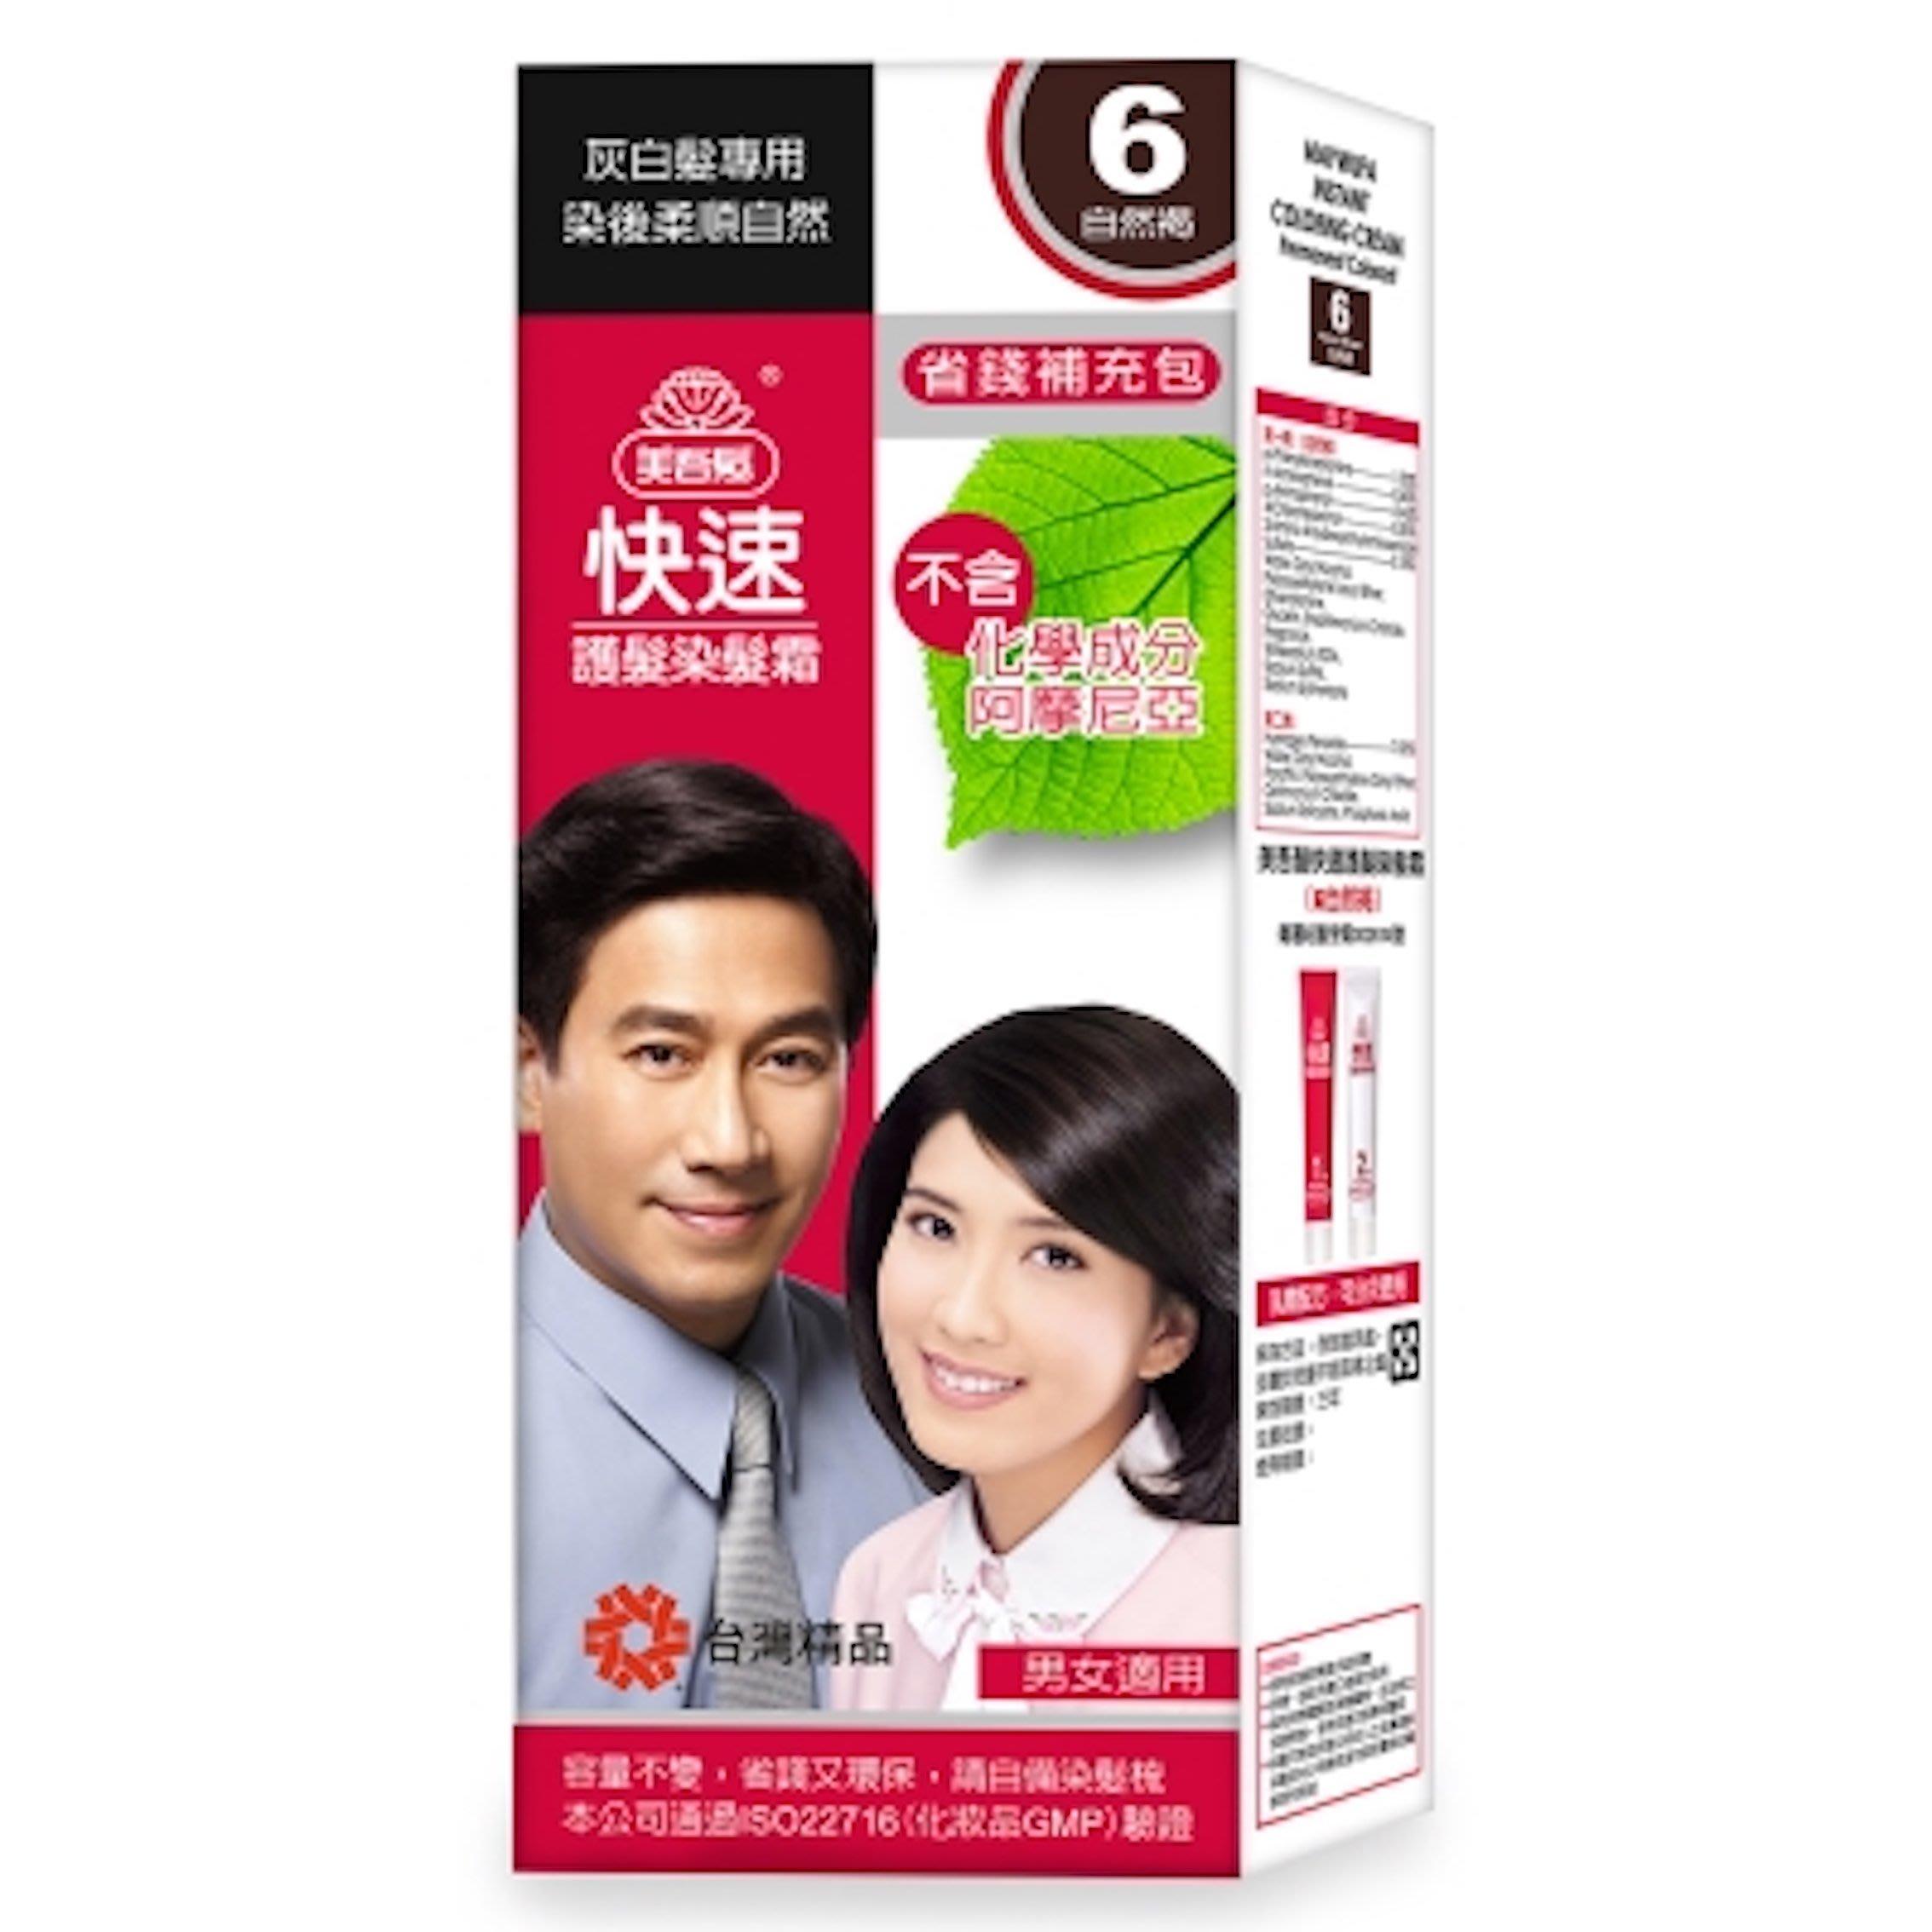 1994小晏子 美吾髮快速護髮染髮霜 經濟包 40g